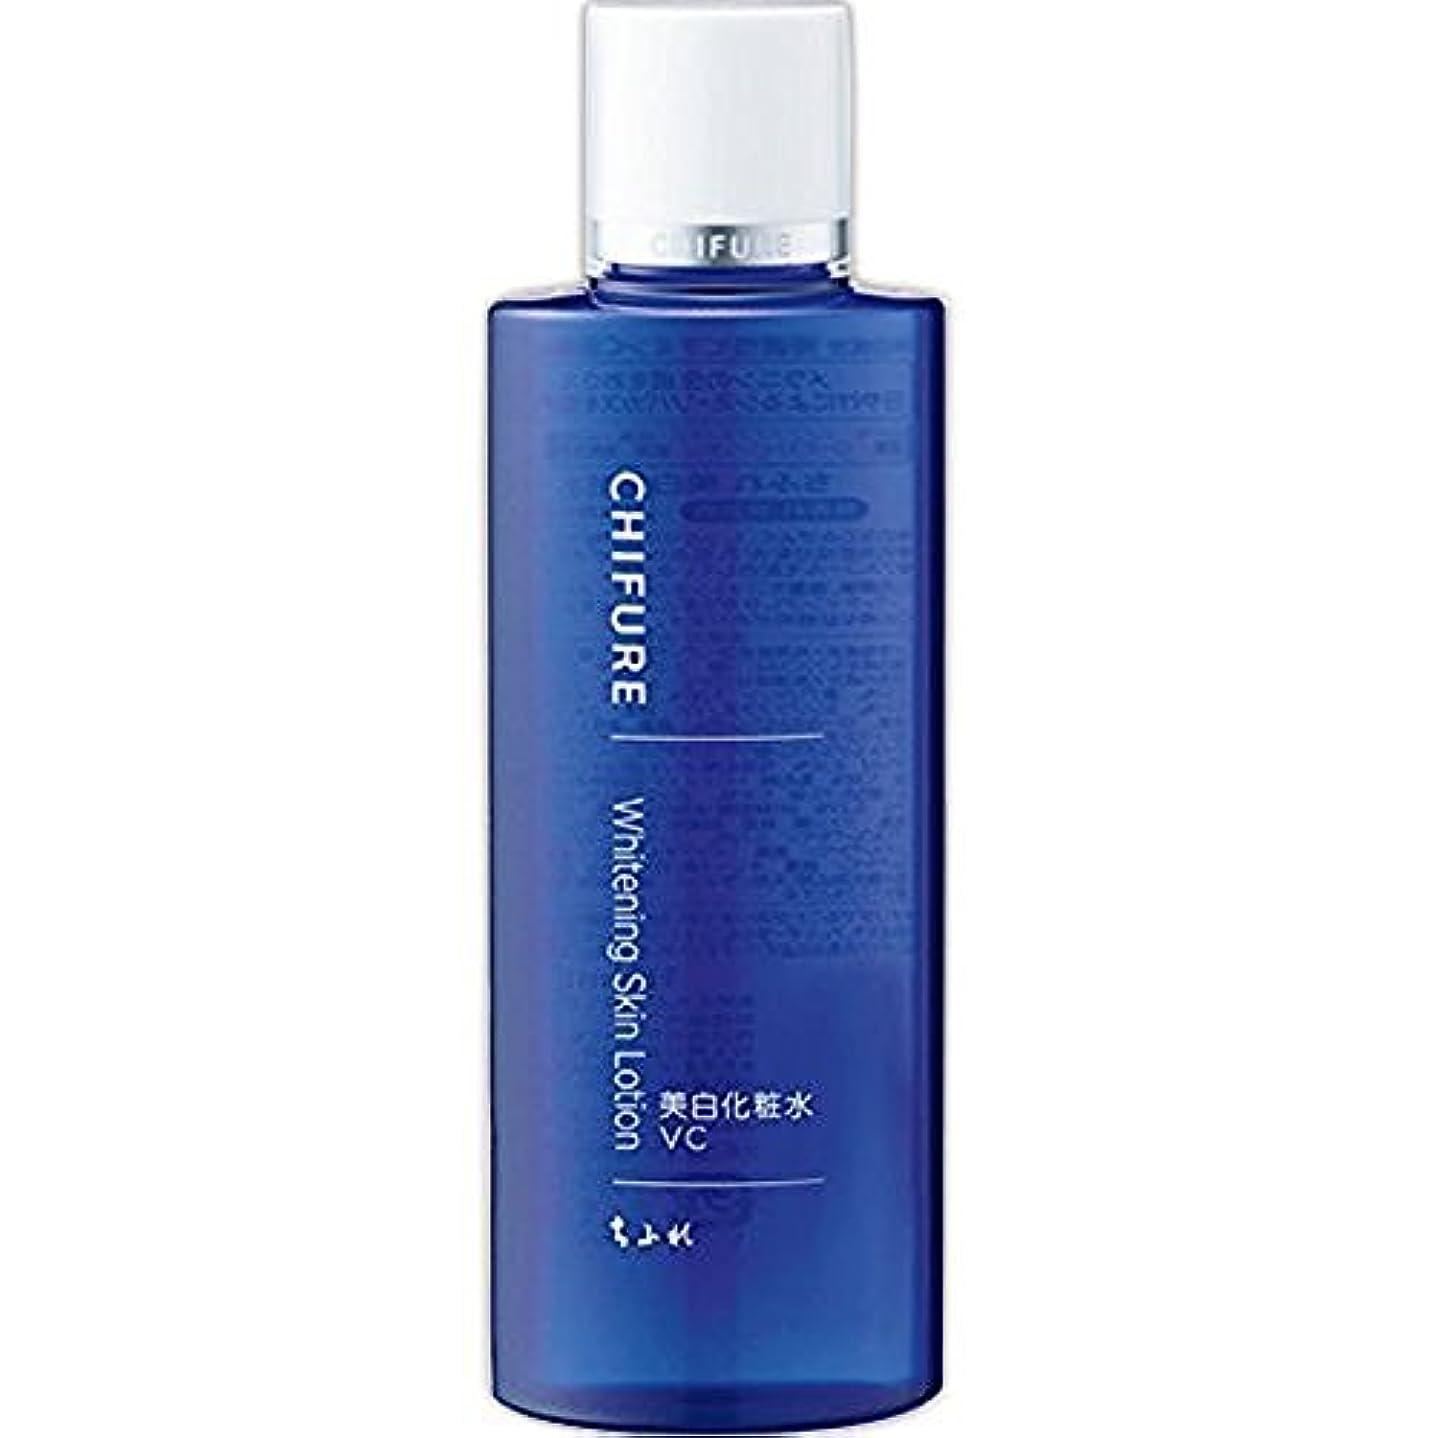 浅いポータードメインちふれ化粧品 美白化粧水 VC 180ML (医薬部外品)